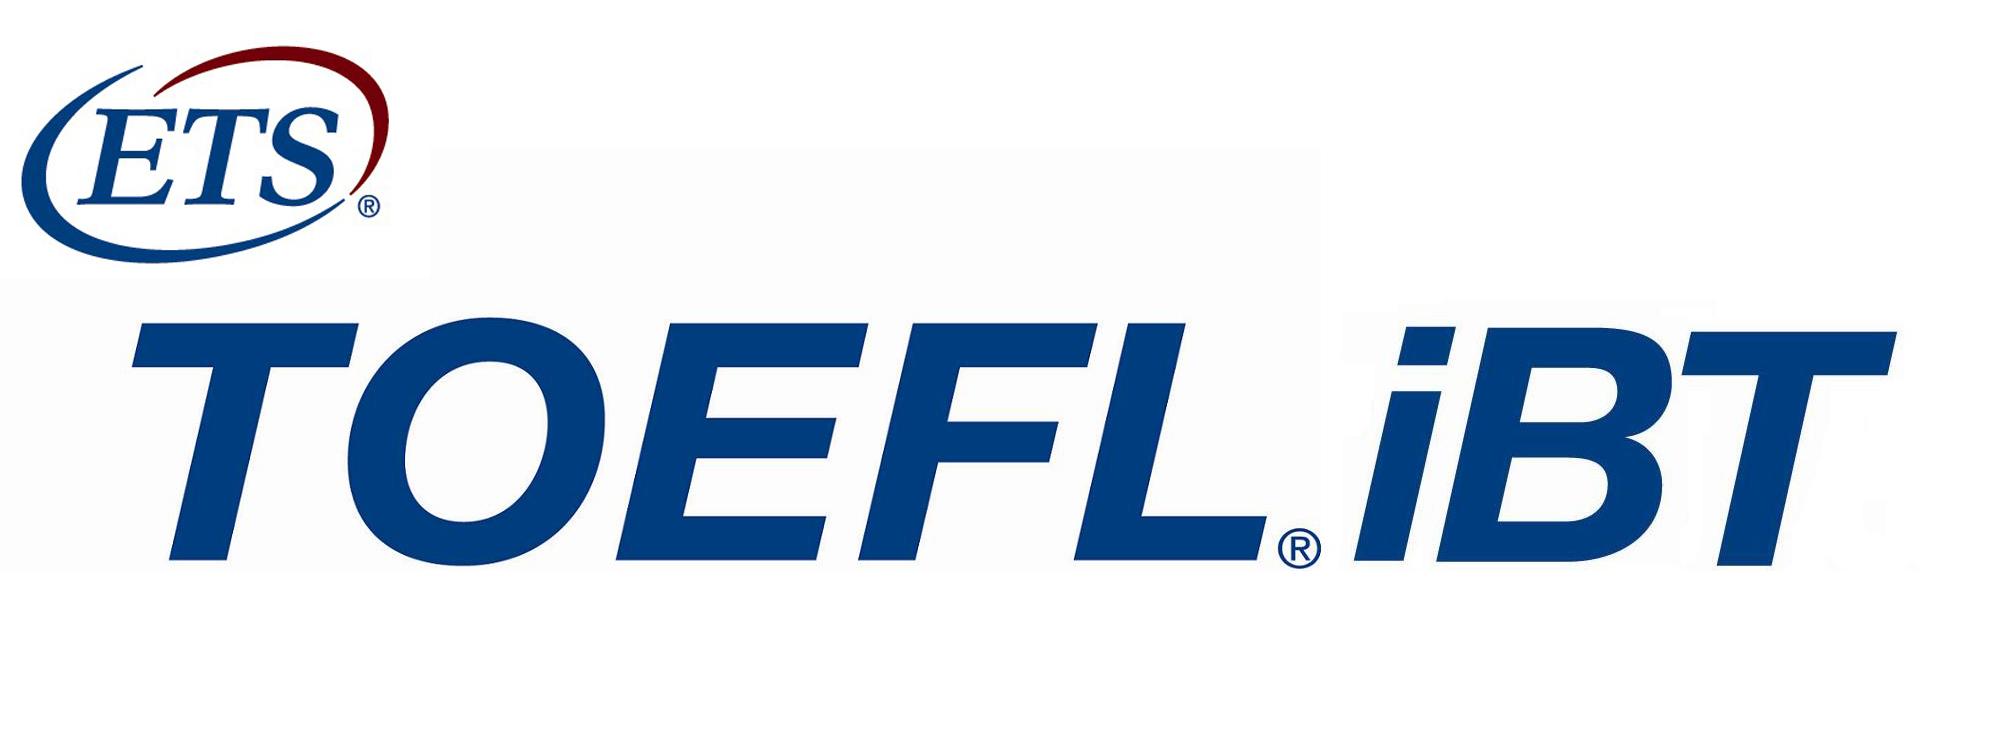 toefl ibt logo